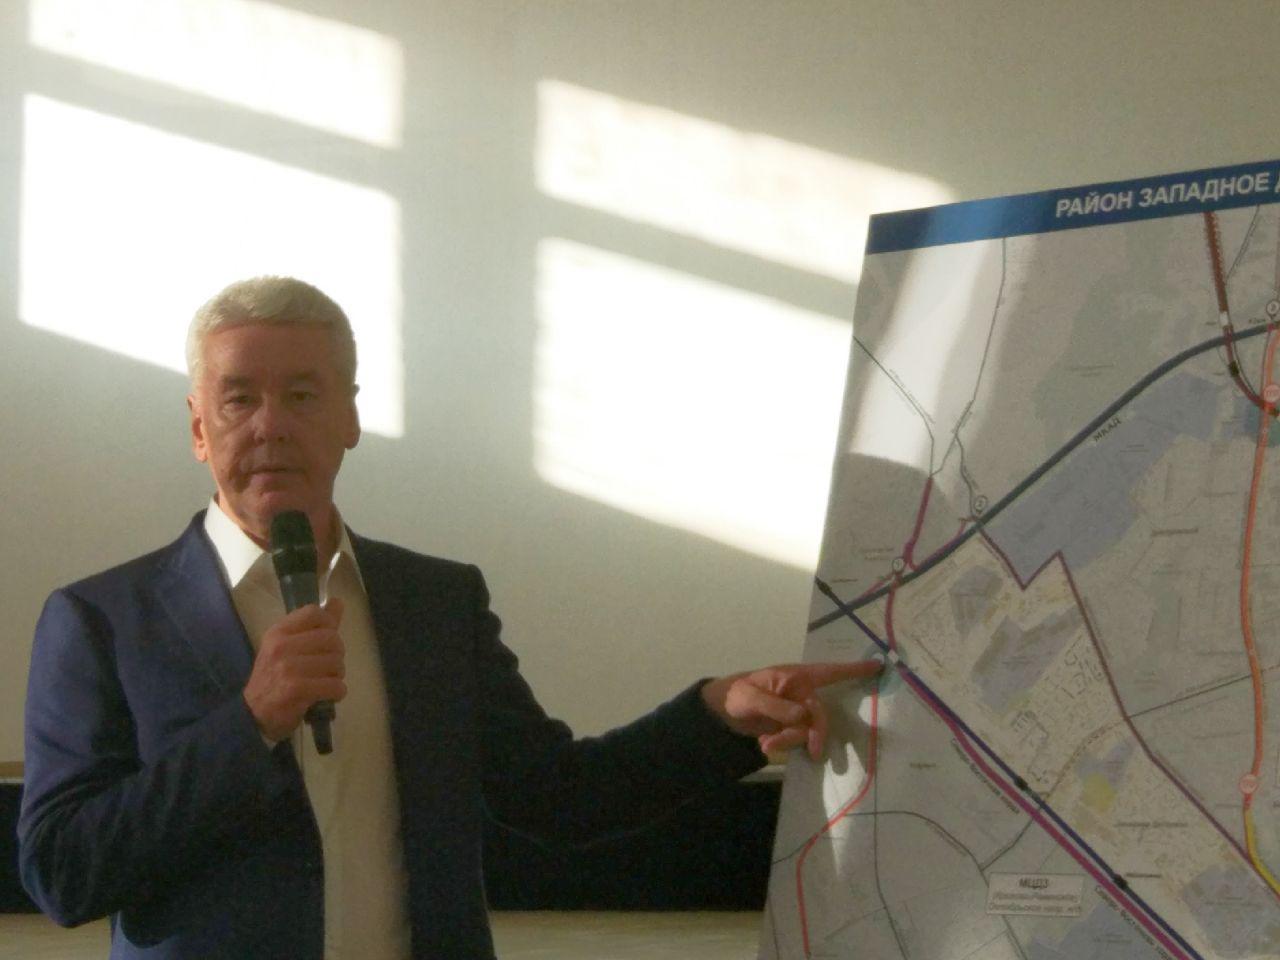 Парковки, велопрокат, новые скверы: жители Западного Дегунина расспросили мэра о будущем своего района